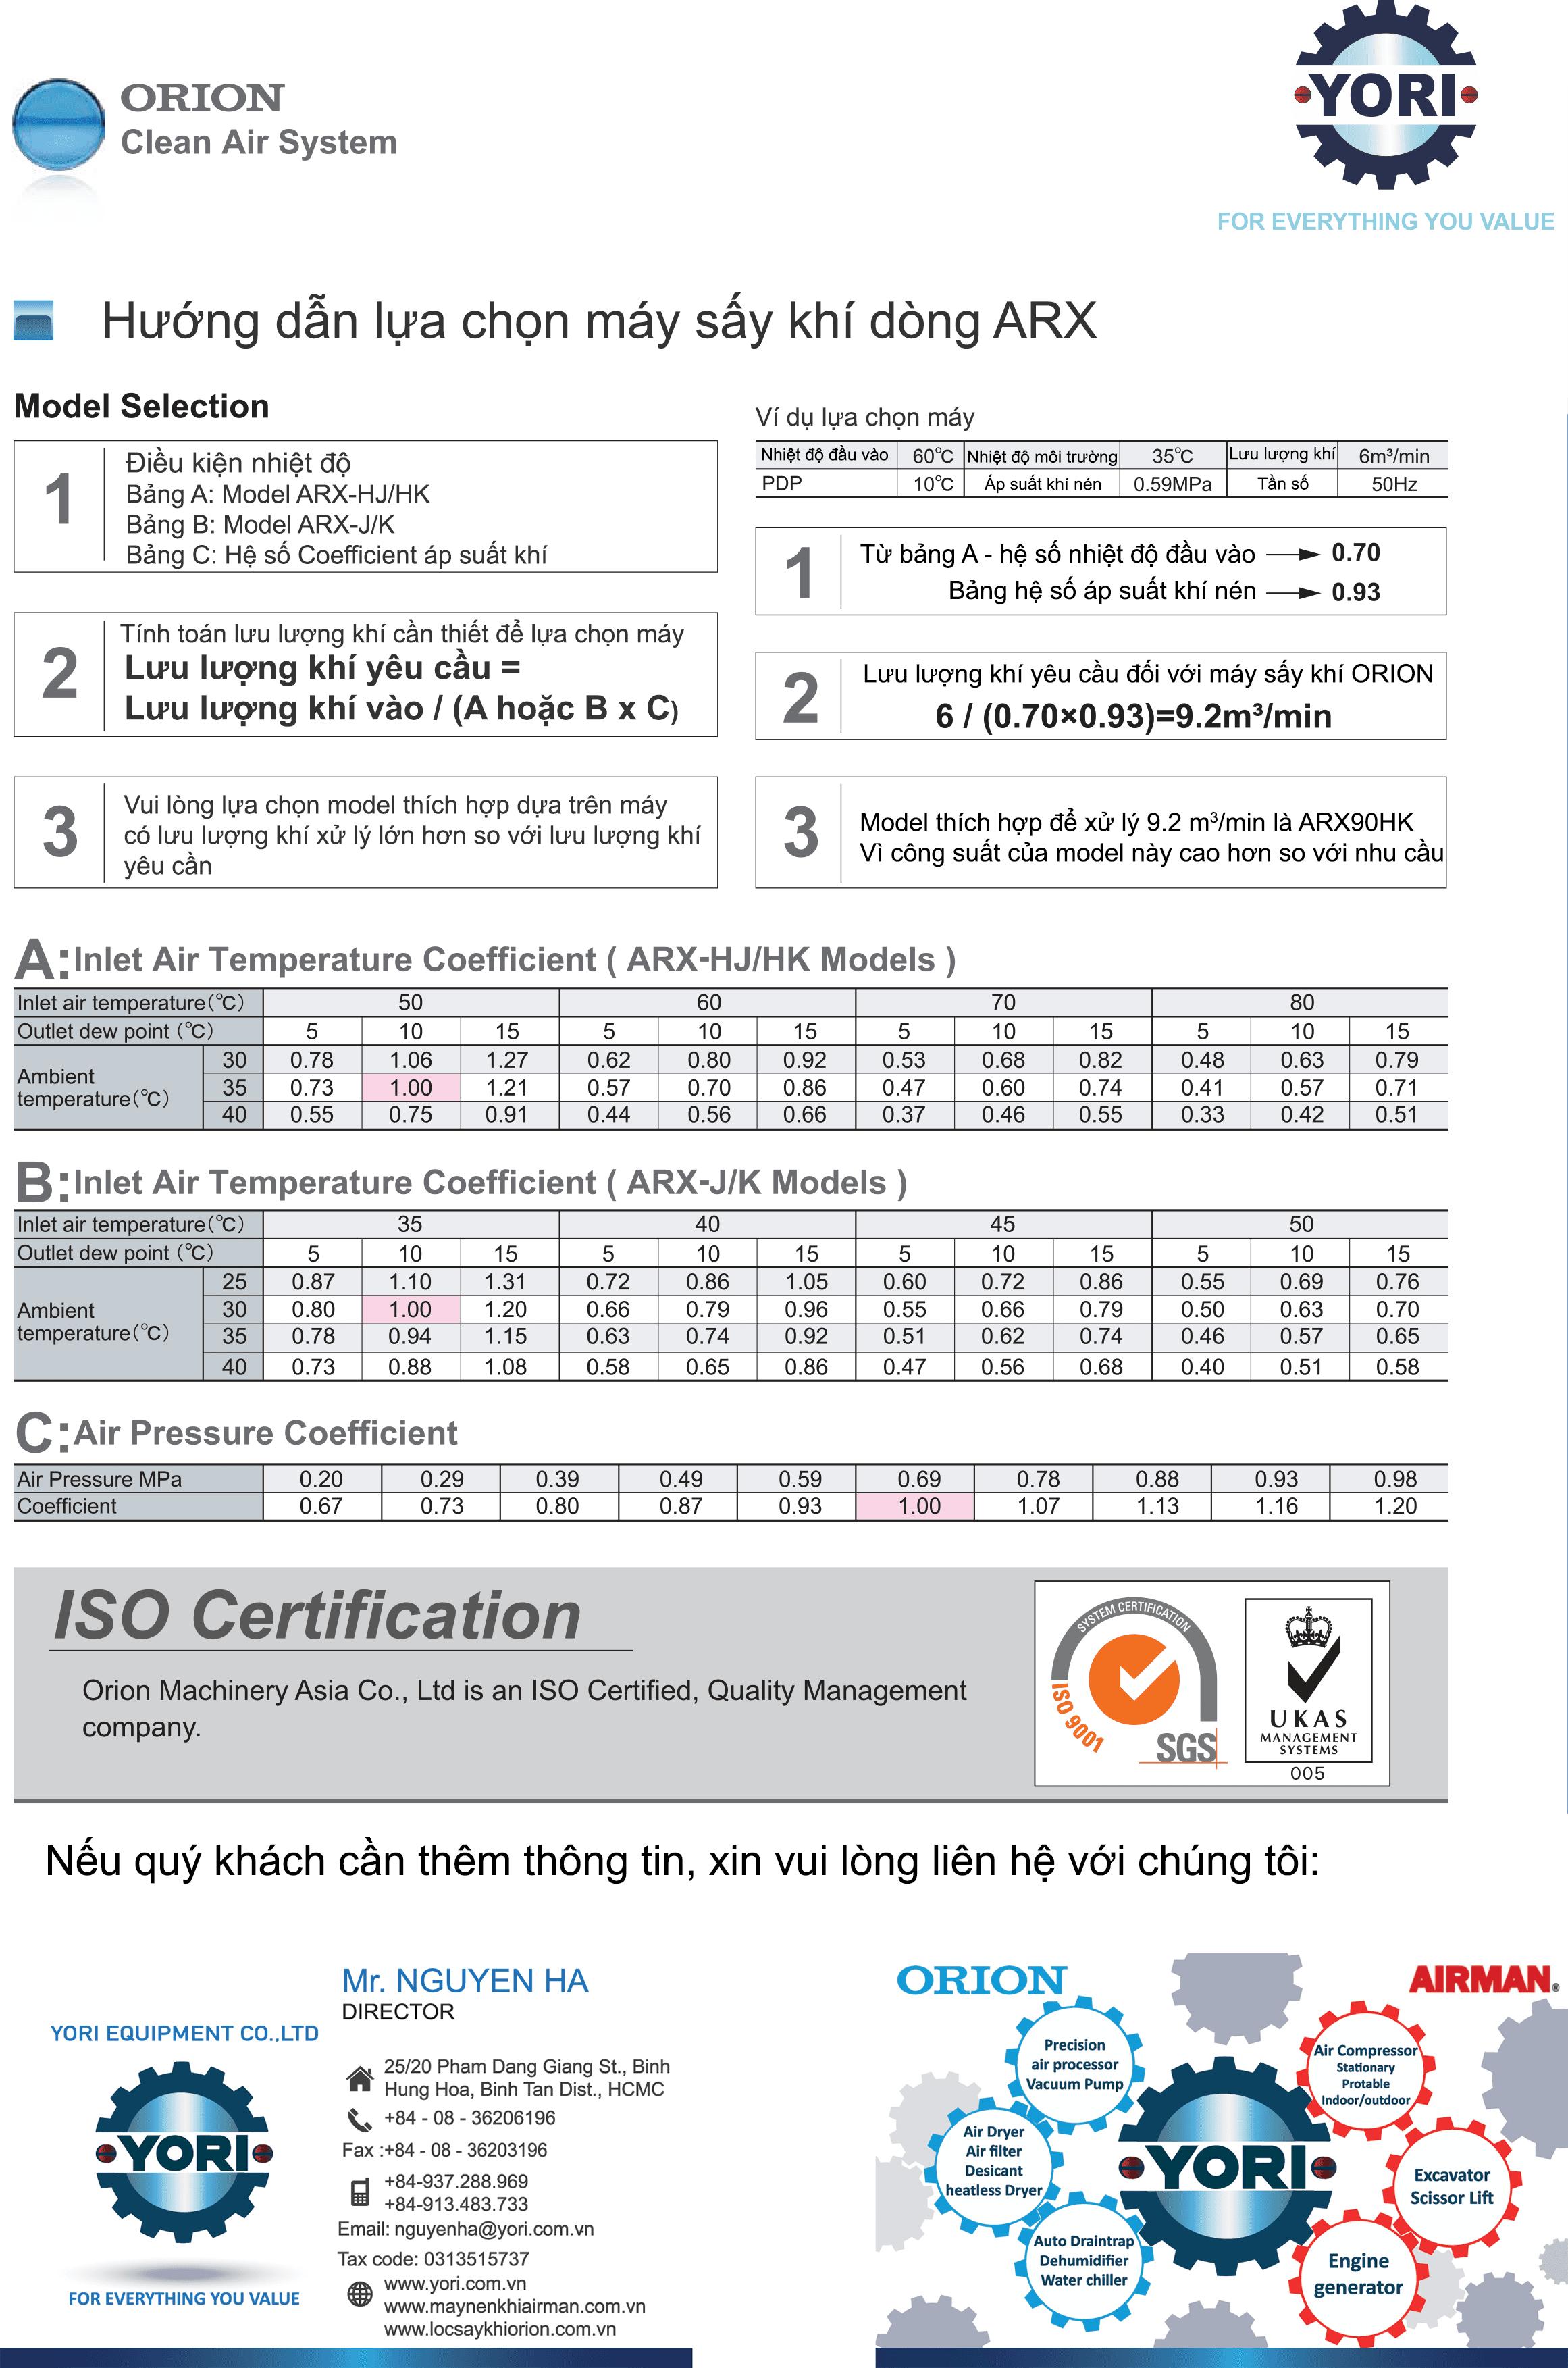 lua-chon-may-say-khi-locsaykhiorion.com.vn